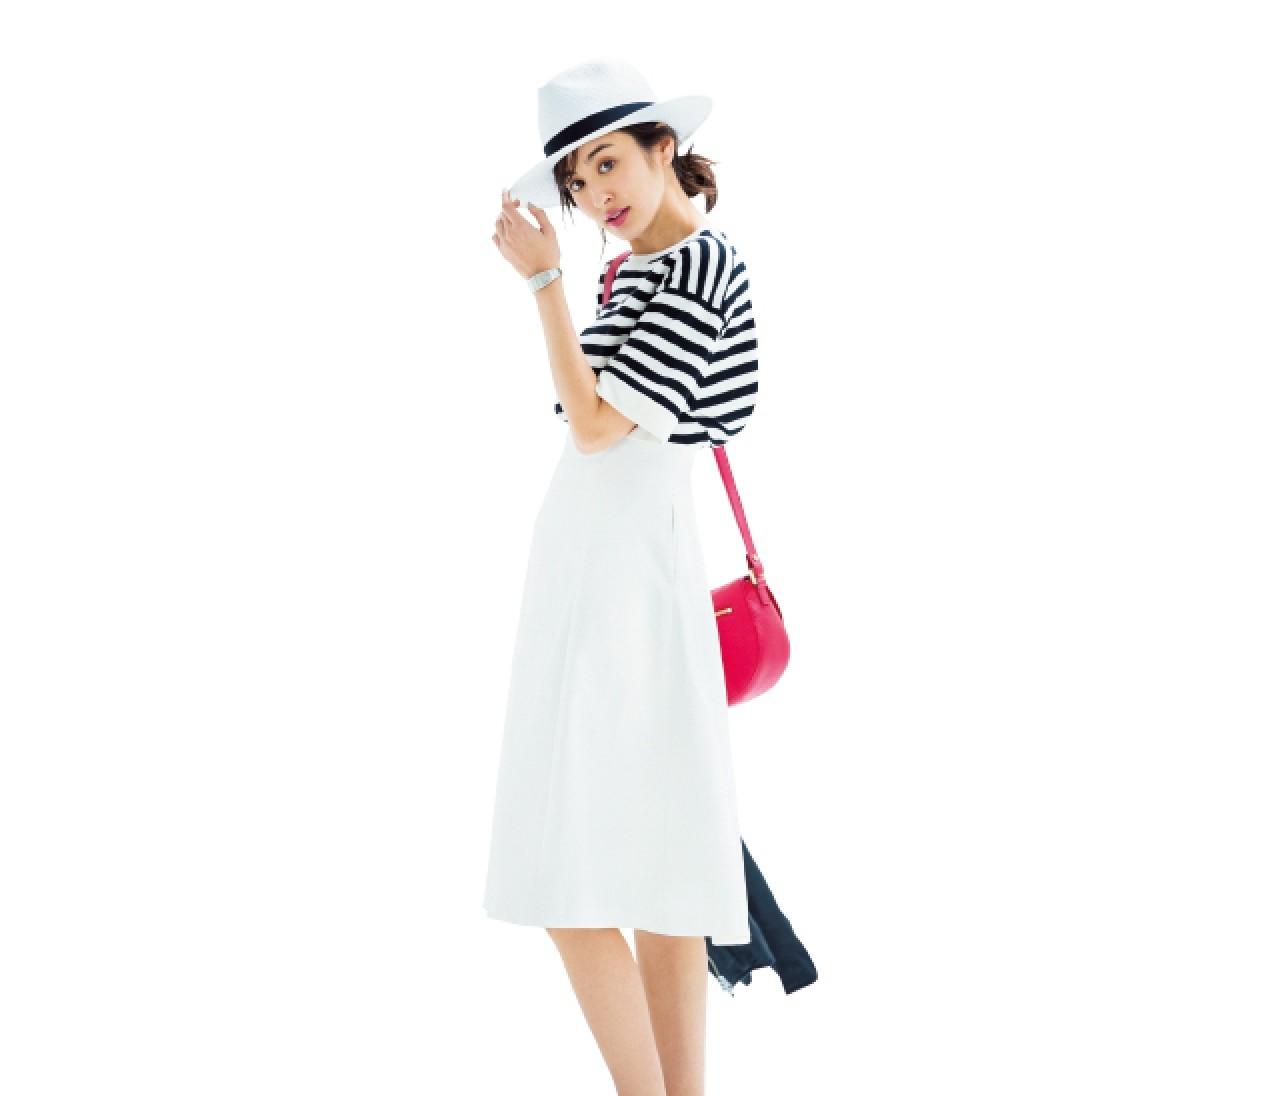 暑い夏の大本命サンダル★ 美脚をかなえる【スリッパ】6選